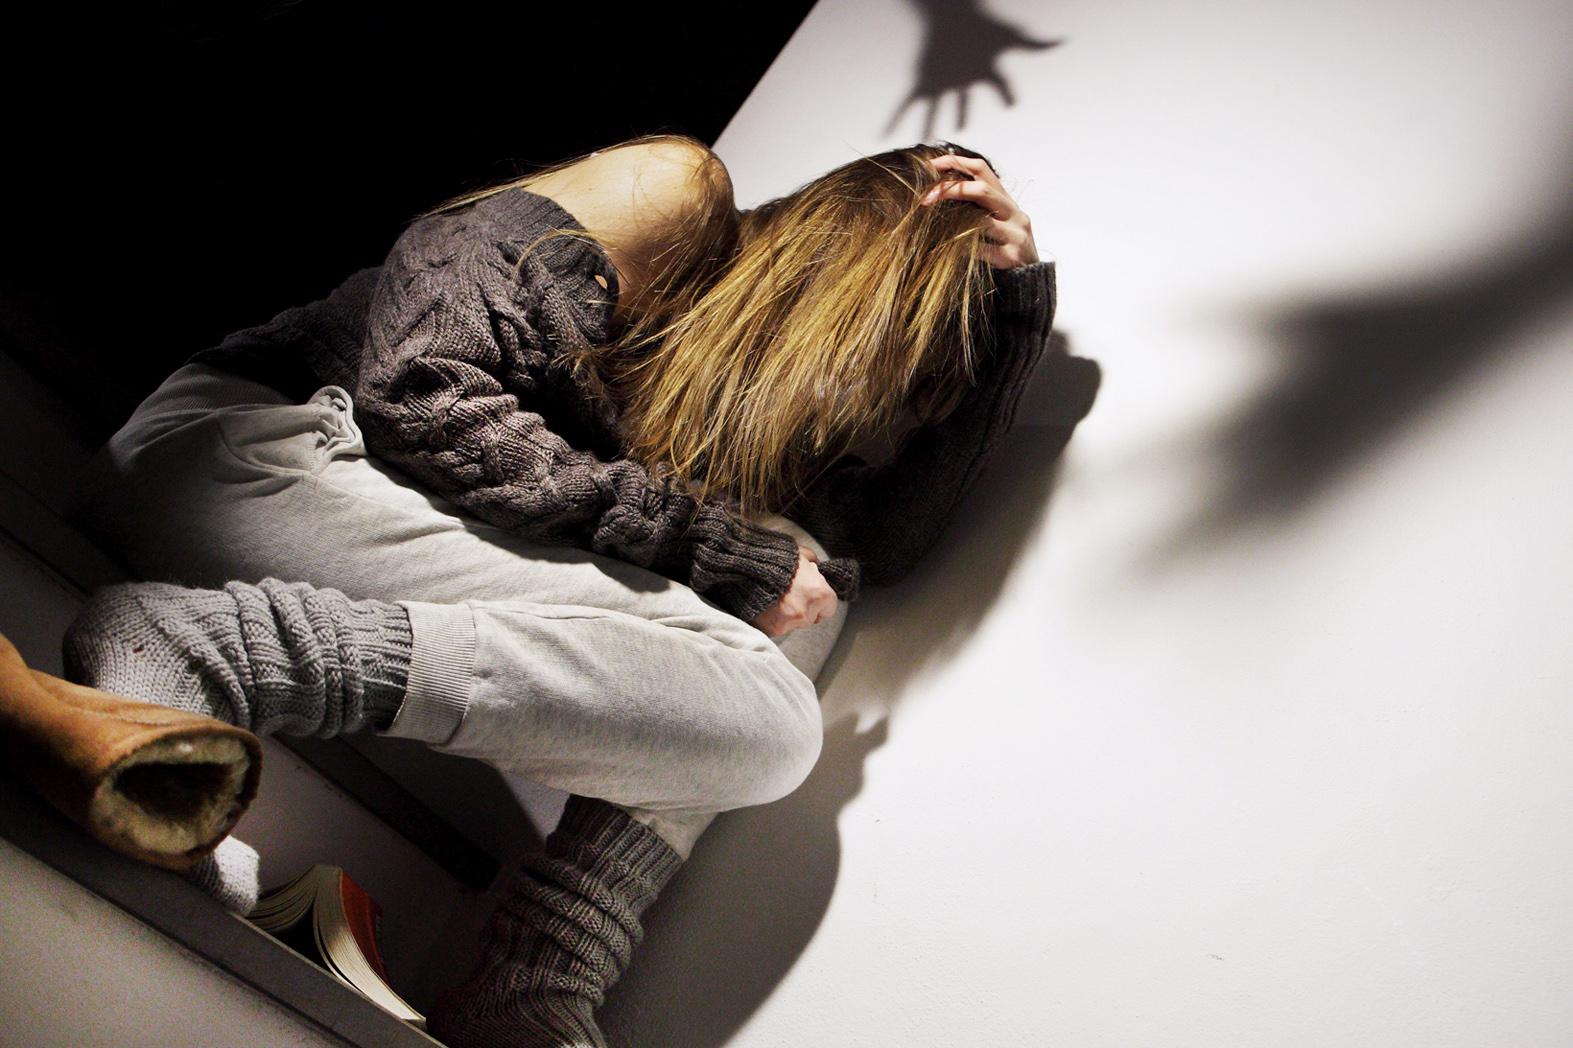 Roma, Polizia di Stato interviene due casi di violenza domestica ...